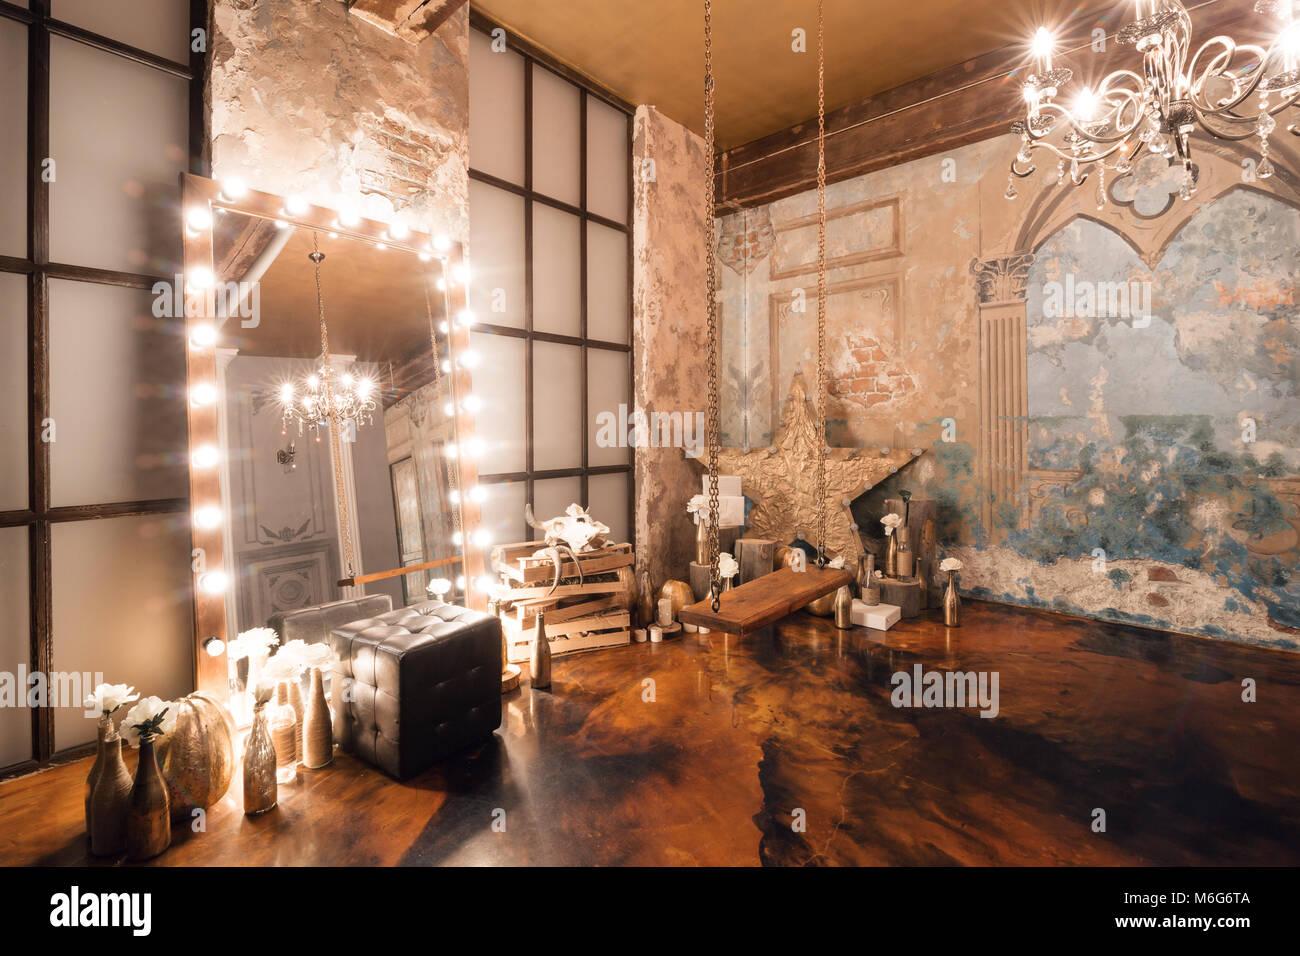 Loft Innenraum Mit Spiegel, Kerzen, Mauer, Große Fenster, Wohnzimmer In Modernem  Design